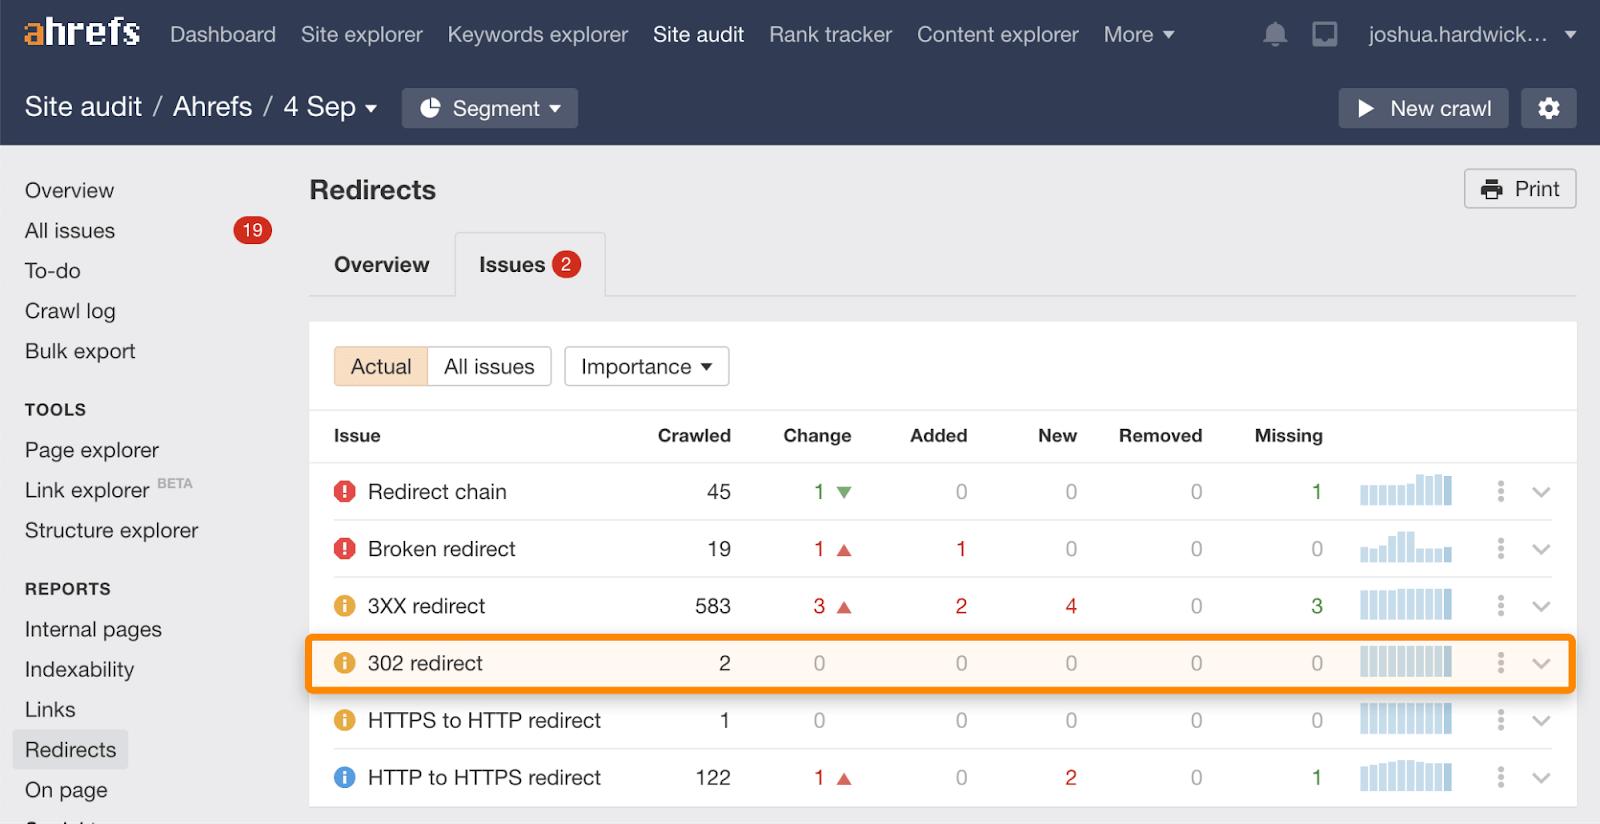 重定向URL检测